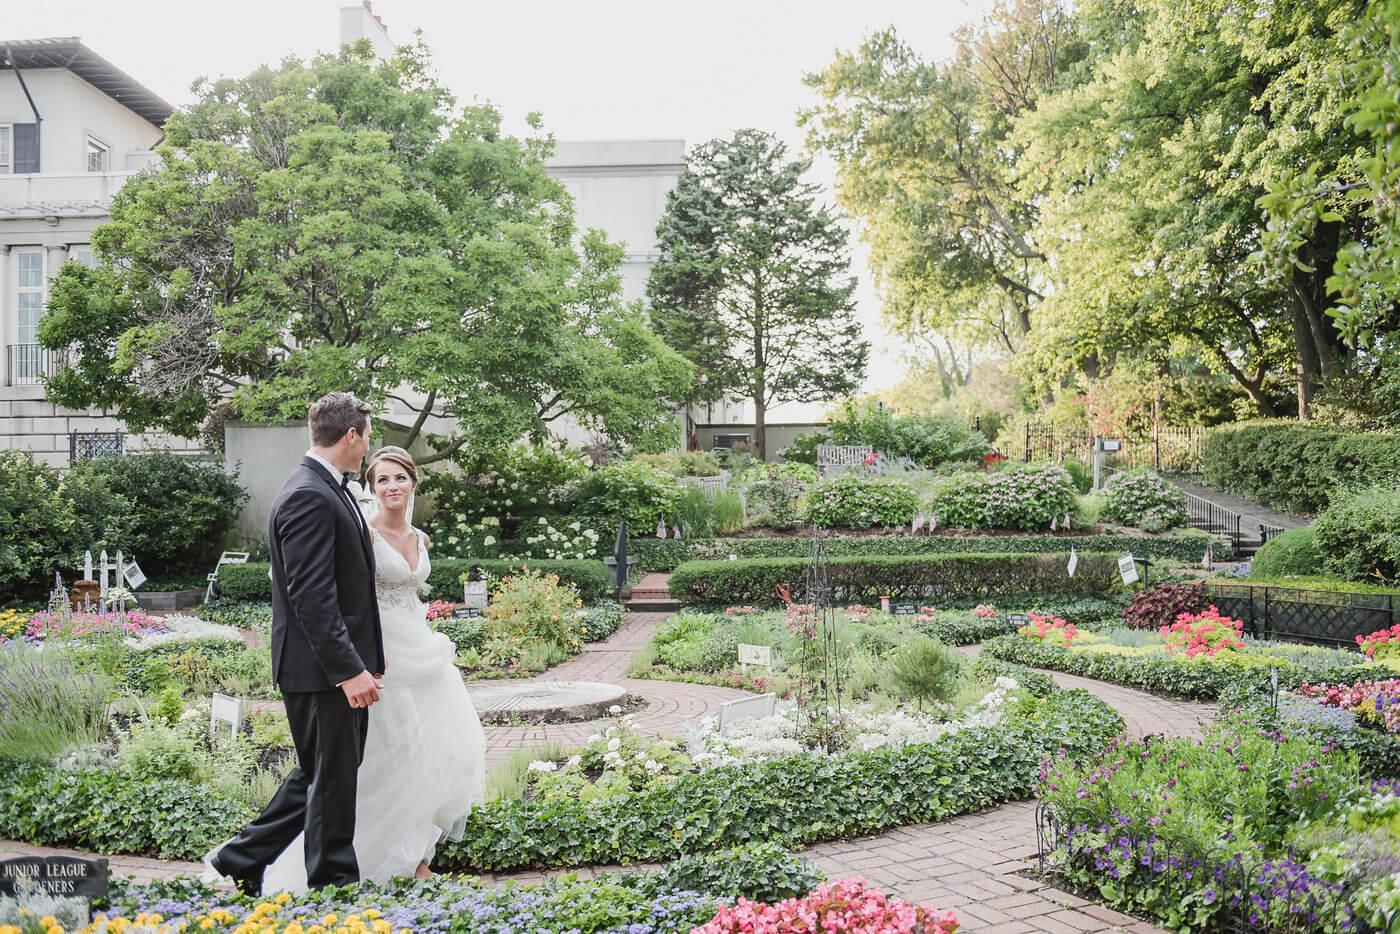 The Gross Point War Memorial wedding venue near Detroit, MI